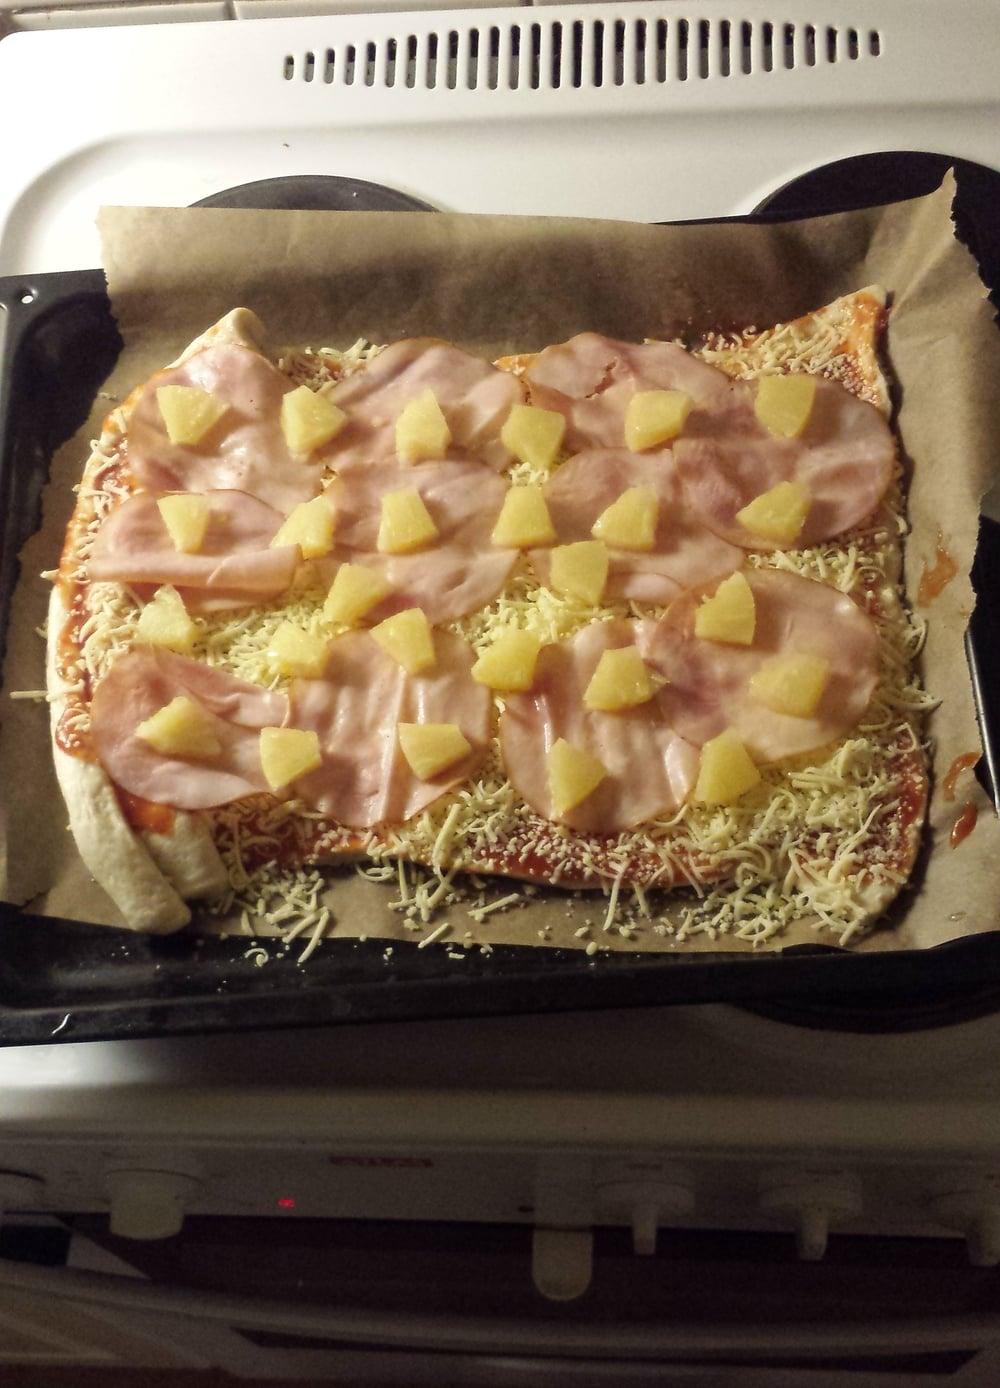 Pizzakit till middag. Tillaging och garnering utförd av Jimmy. Viss förbättring har skett sen hans tillagning av minipizzor på nyår.